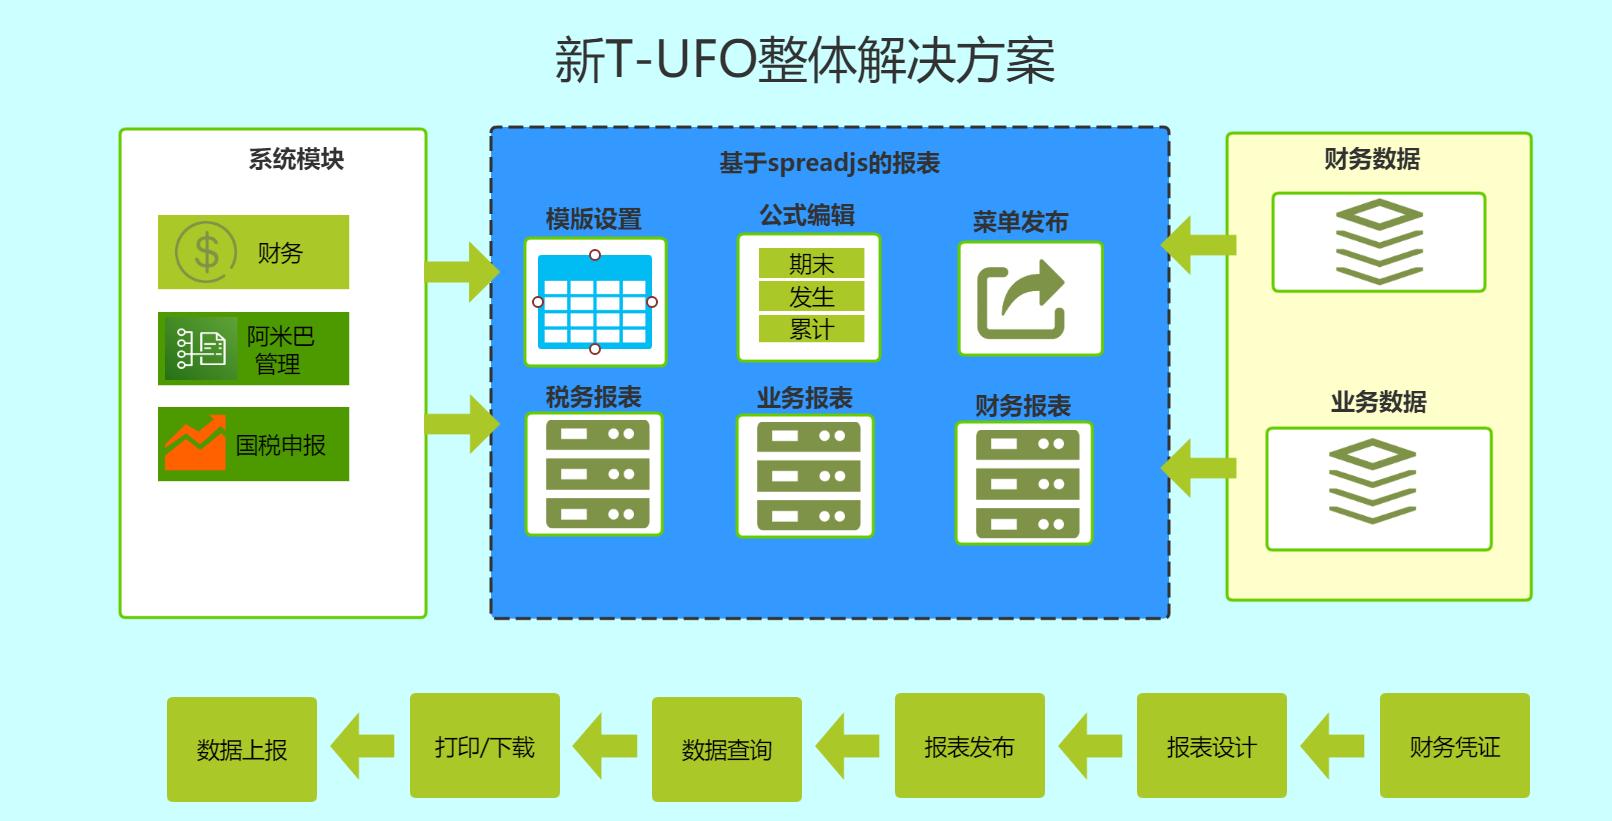 """畅捷通财务T-UFO报表是如何实现""""人财货客""""全链条闭环的?"""